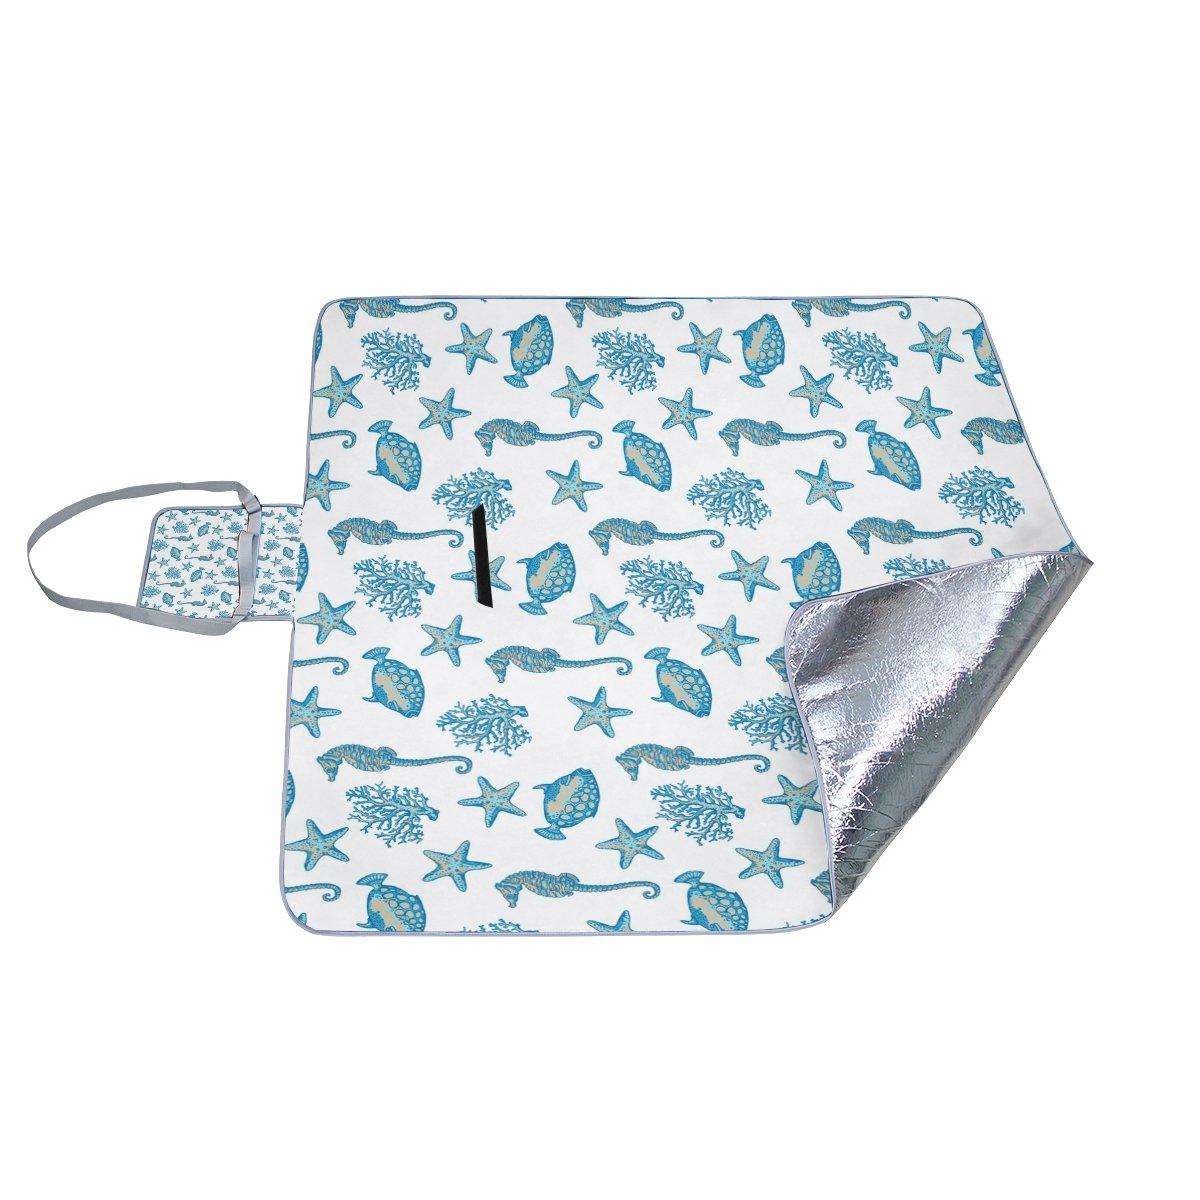 e560fb4a9b81 COOSUN - Manta Manta Manta de picnic con dise ntilde o de estrella de mar y  caballito de ...